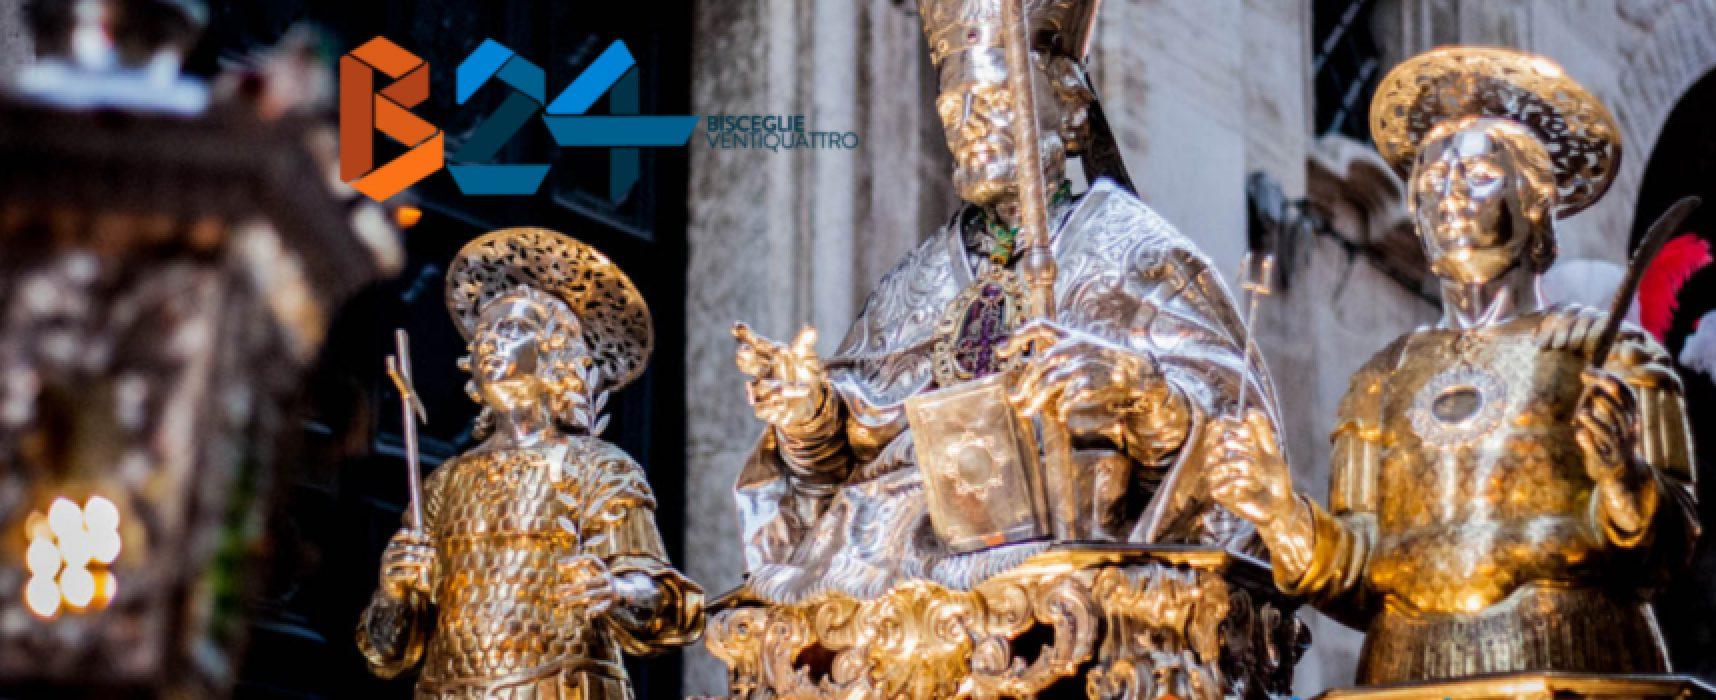 Giubileo Santi Martiri, domani celebrazione eucaristica di chiusura in cattedrale / FOTO